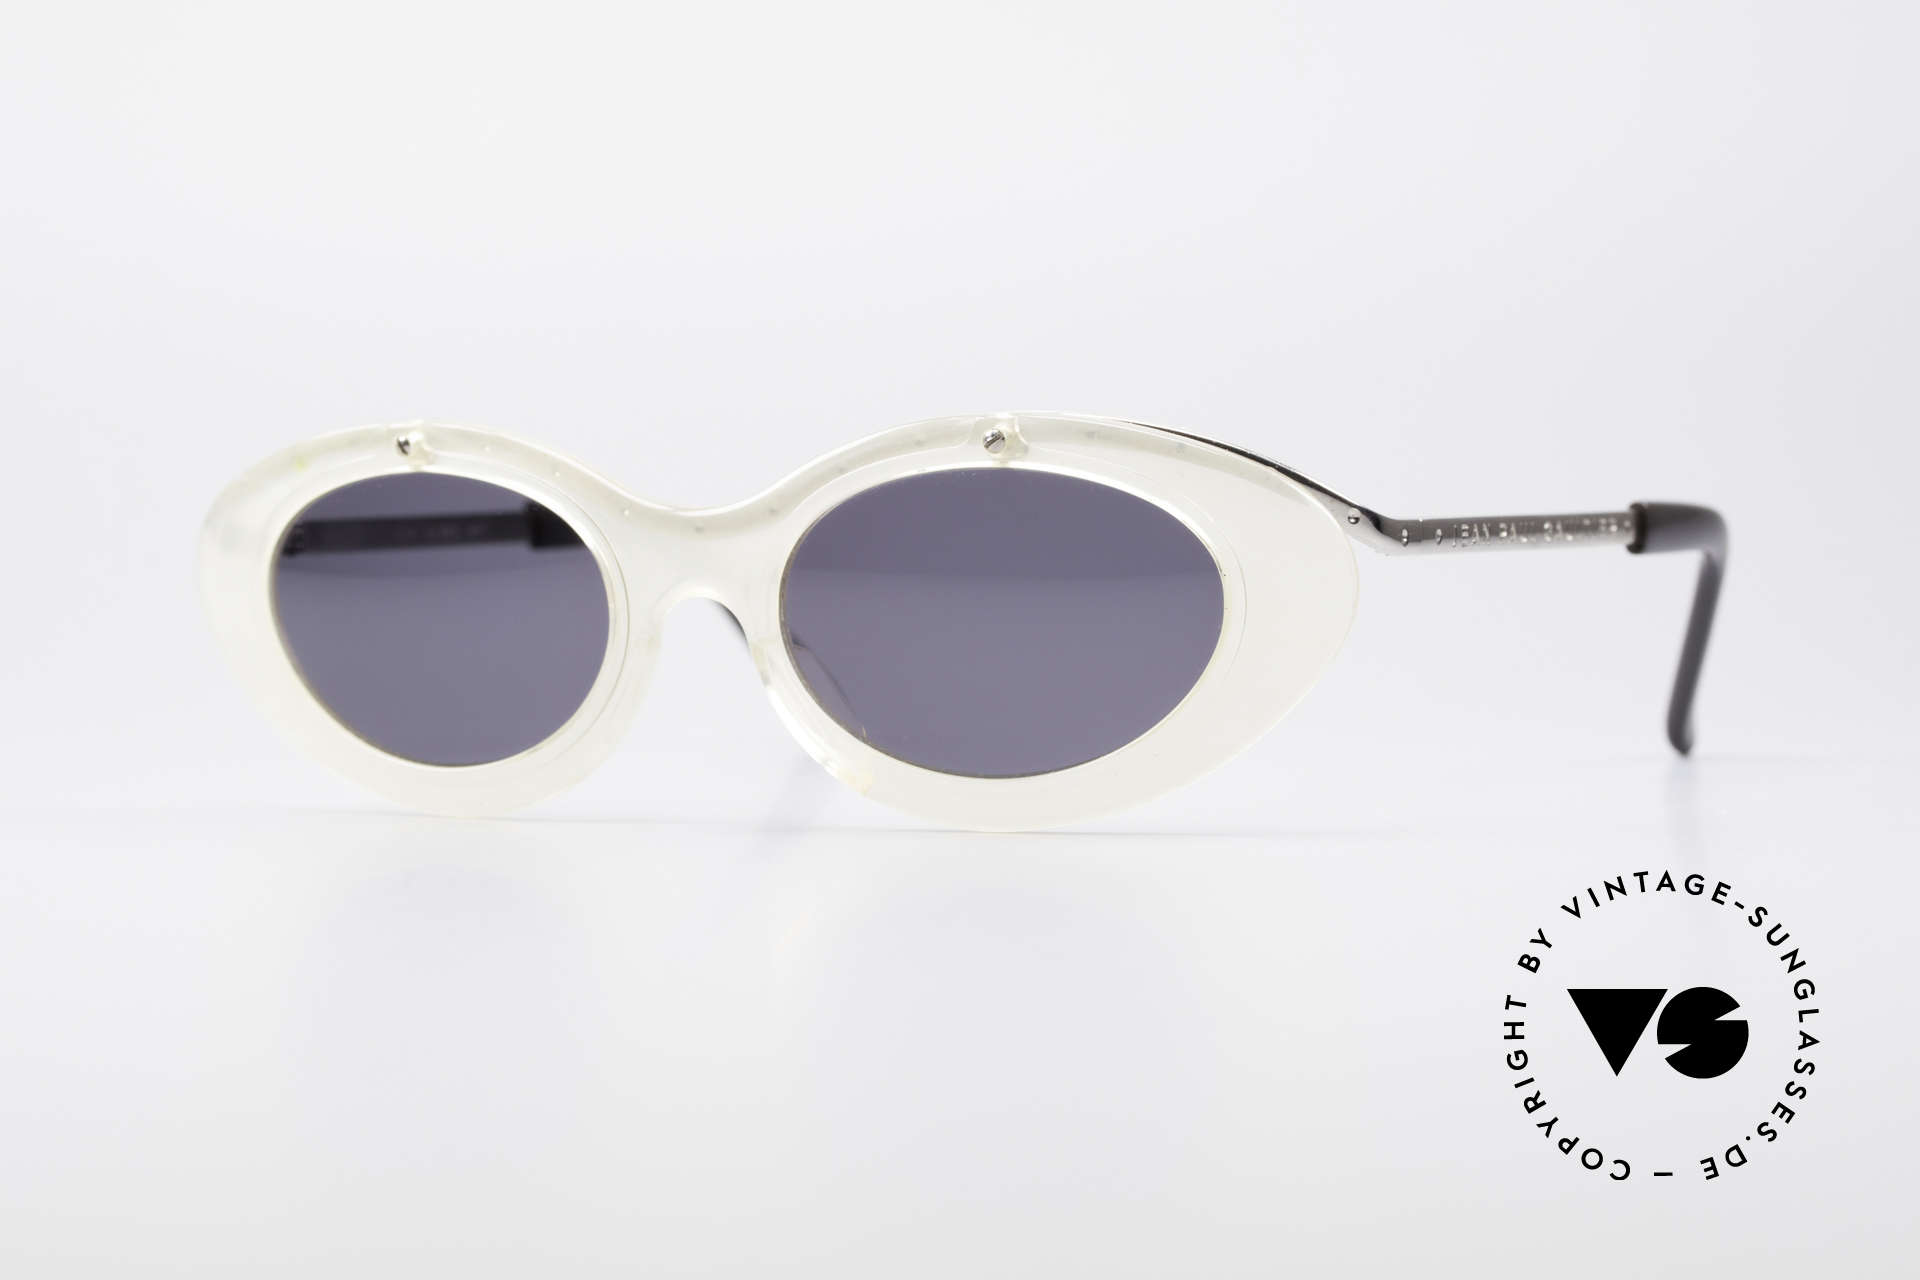 Jean Paul Gaultier 56-7201 Designer Damensonnenbrille, ovale vintage Sonnenbrille von Jean Paul GAULTIER, Passend für Damen